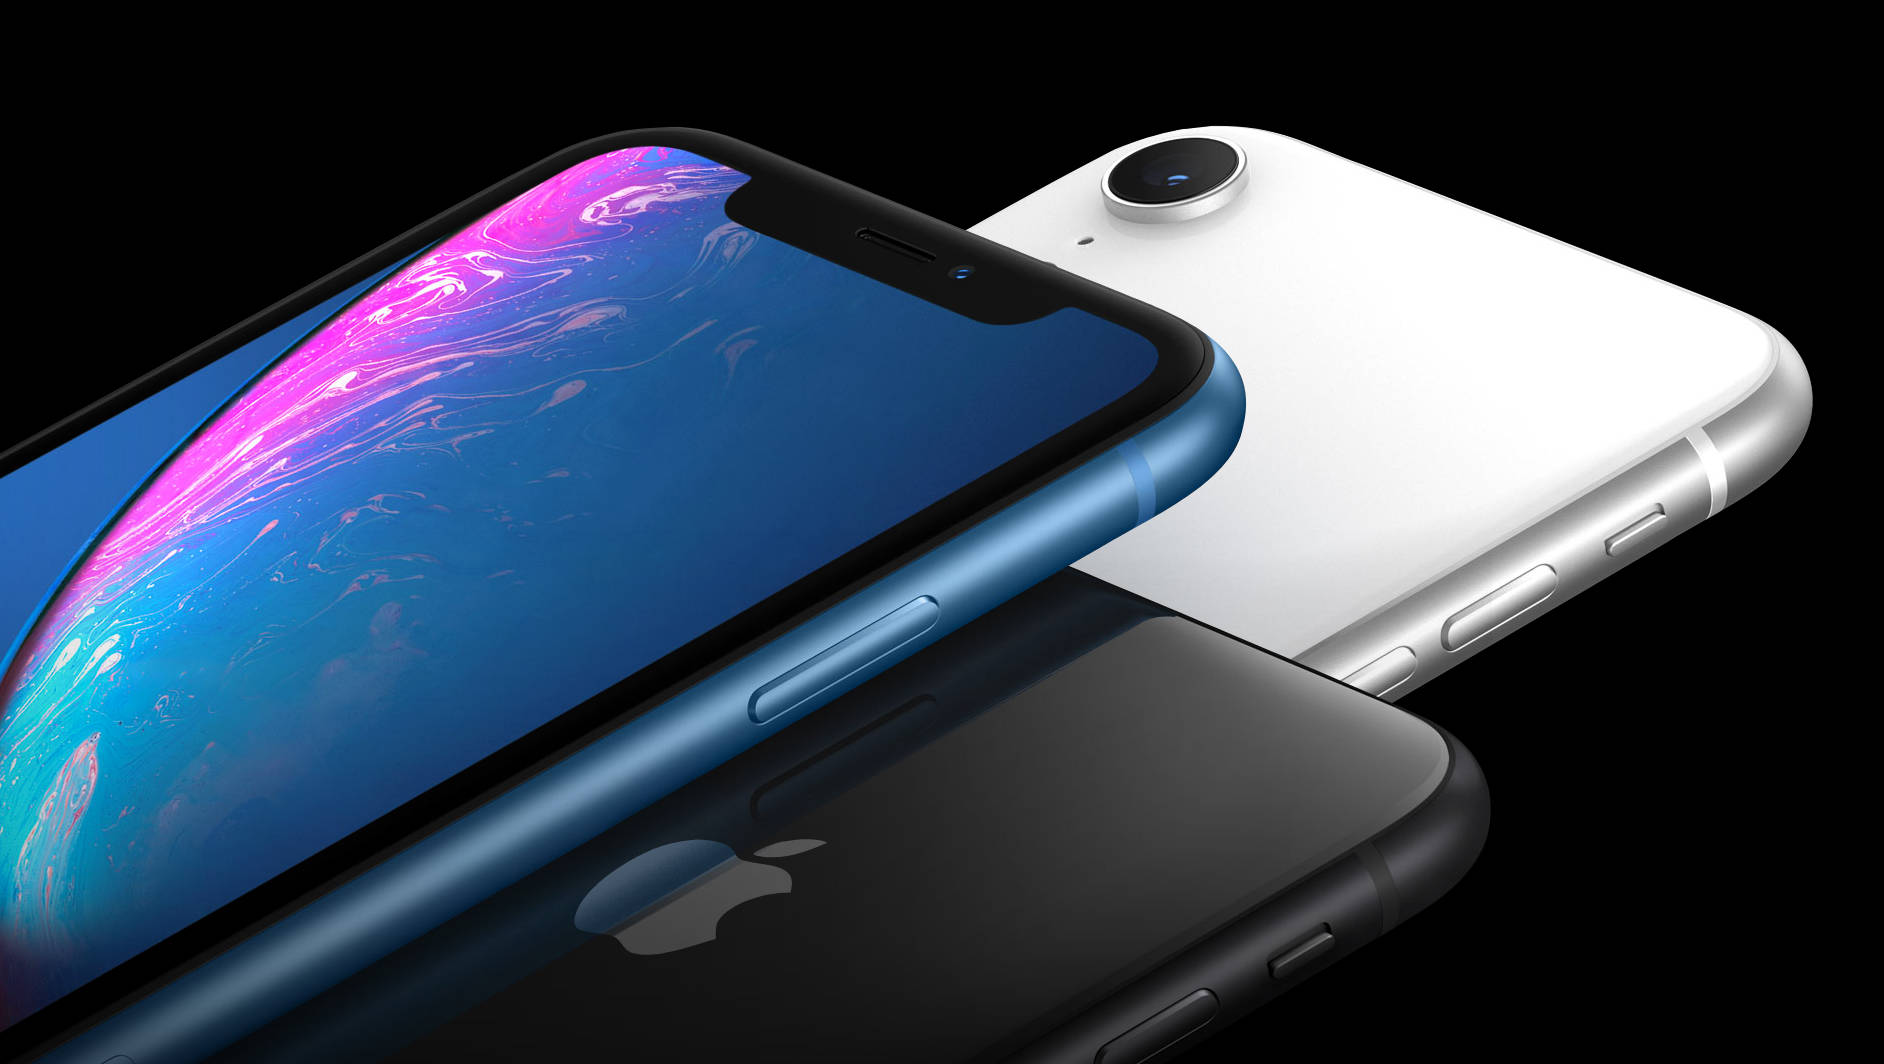 Apple iPhone XR 2 2019 4x4 MIMO kiedy premiera specyfikacja techniczna czarne soczewki